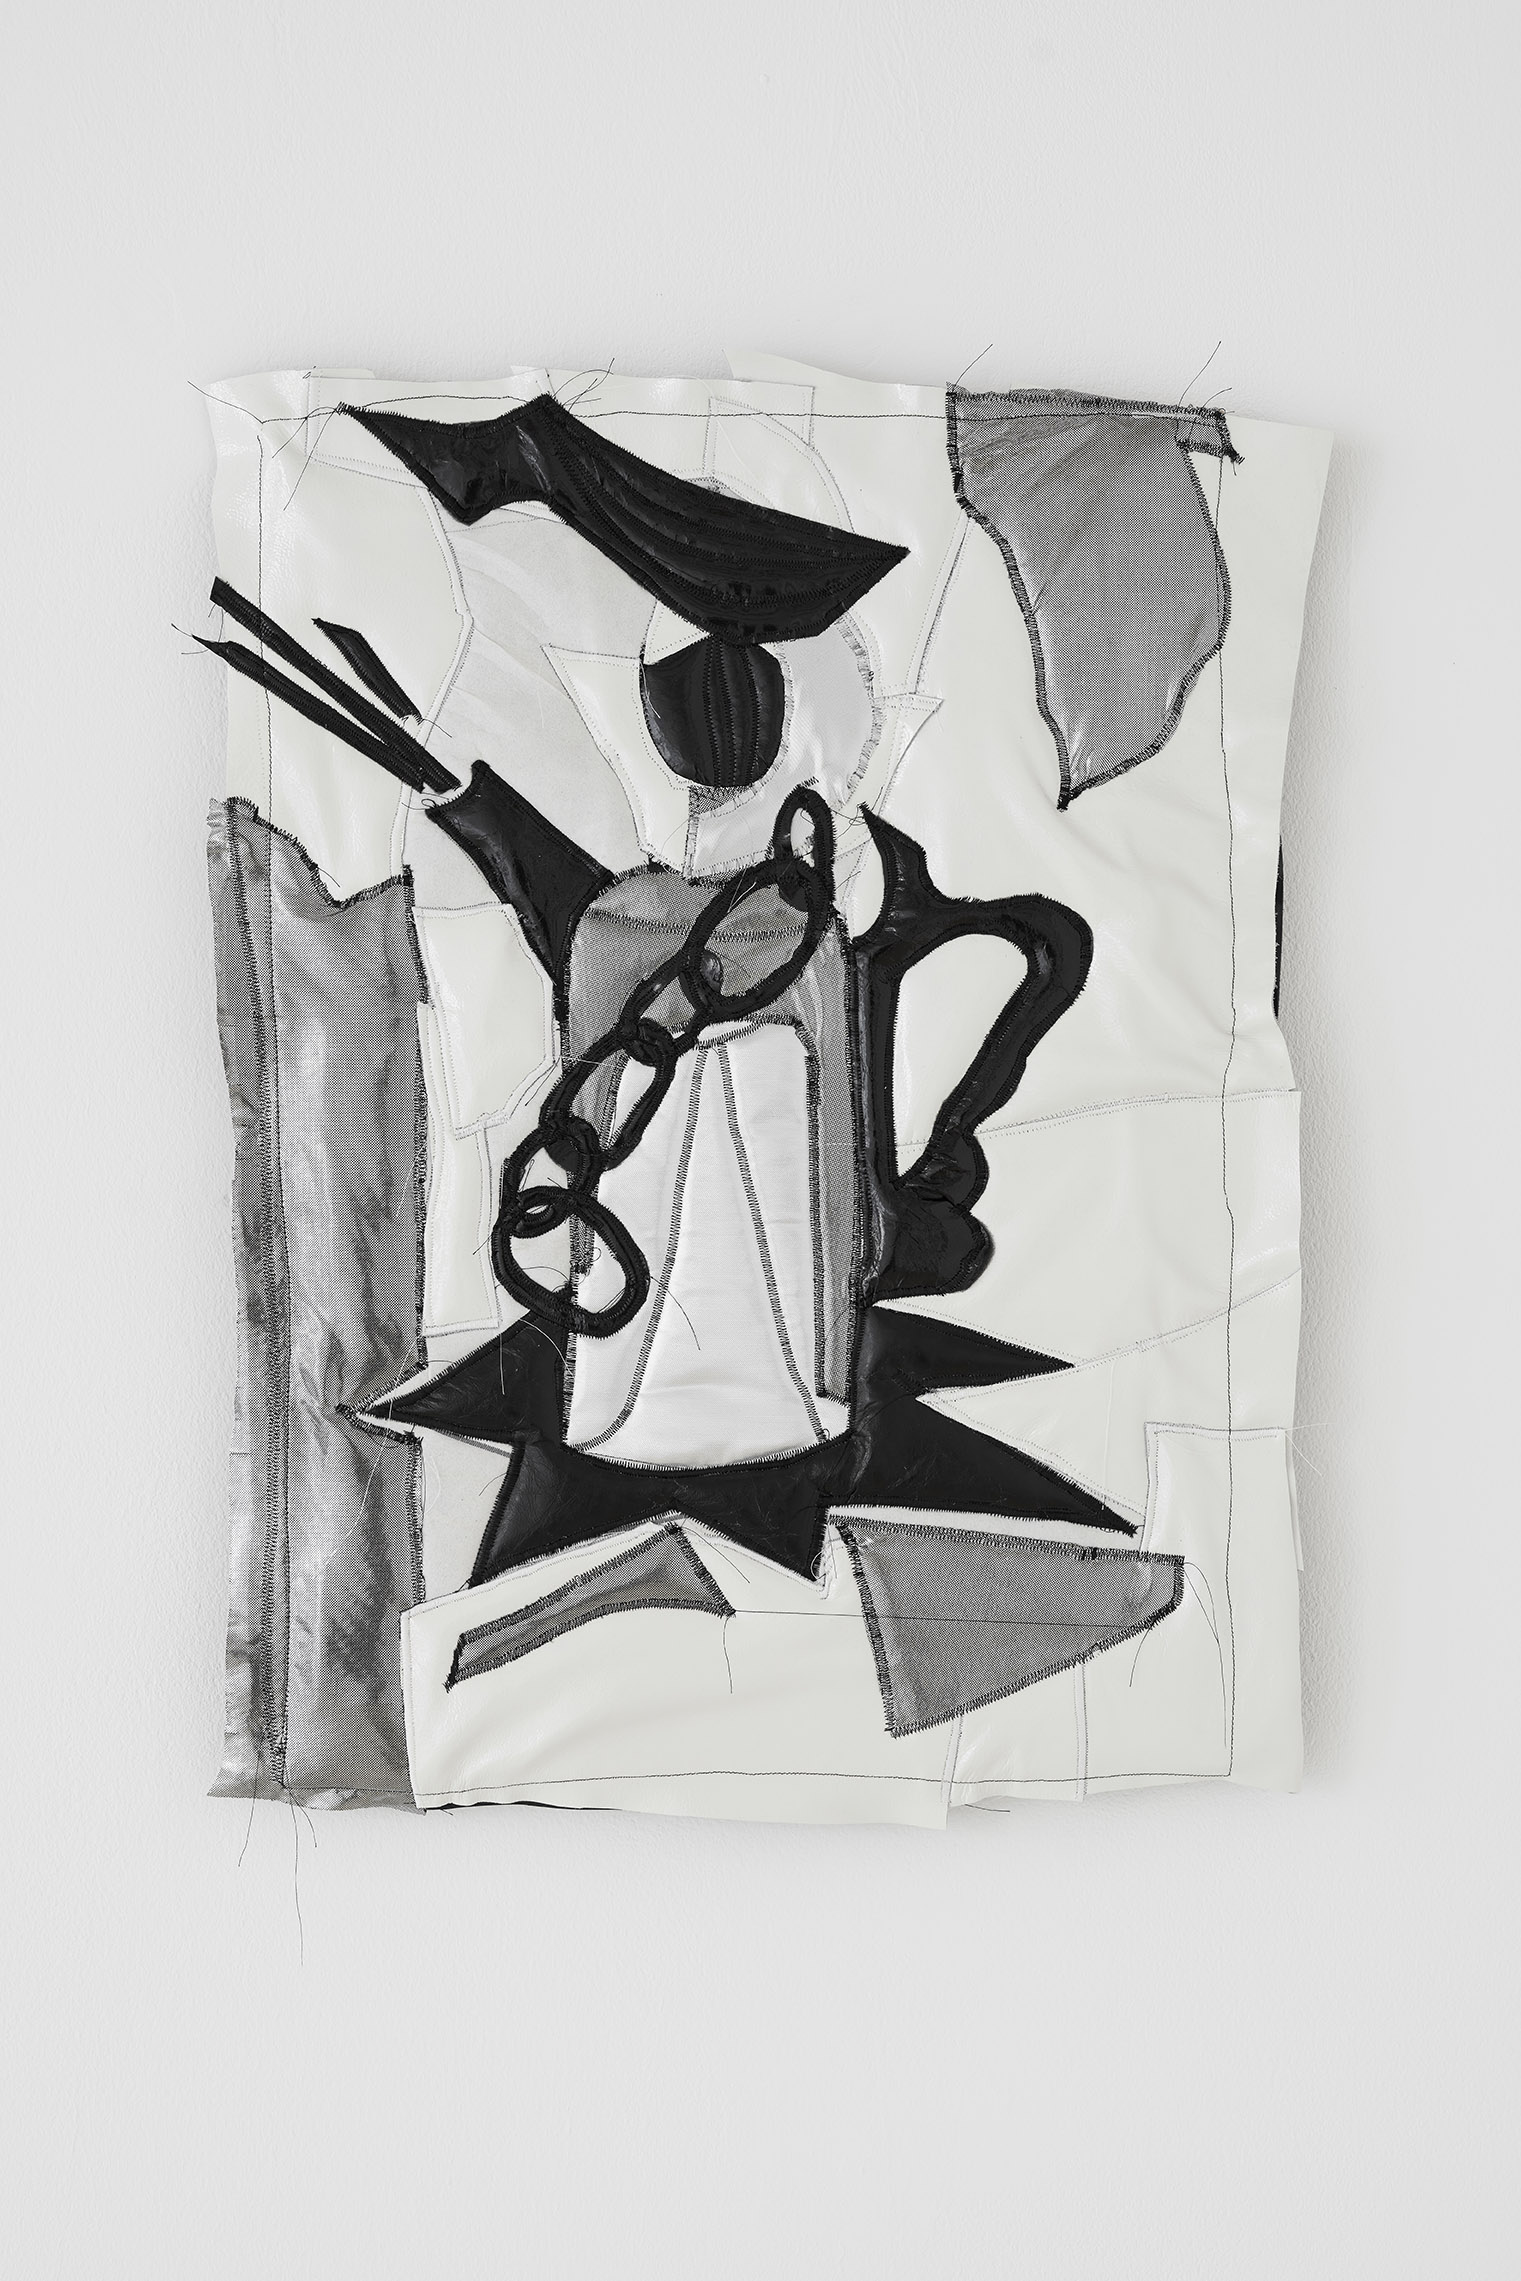 Karoline Dausien, Silver Pot, 2020